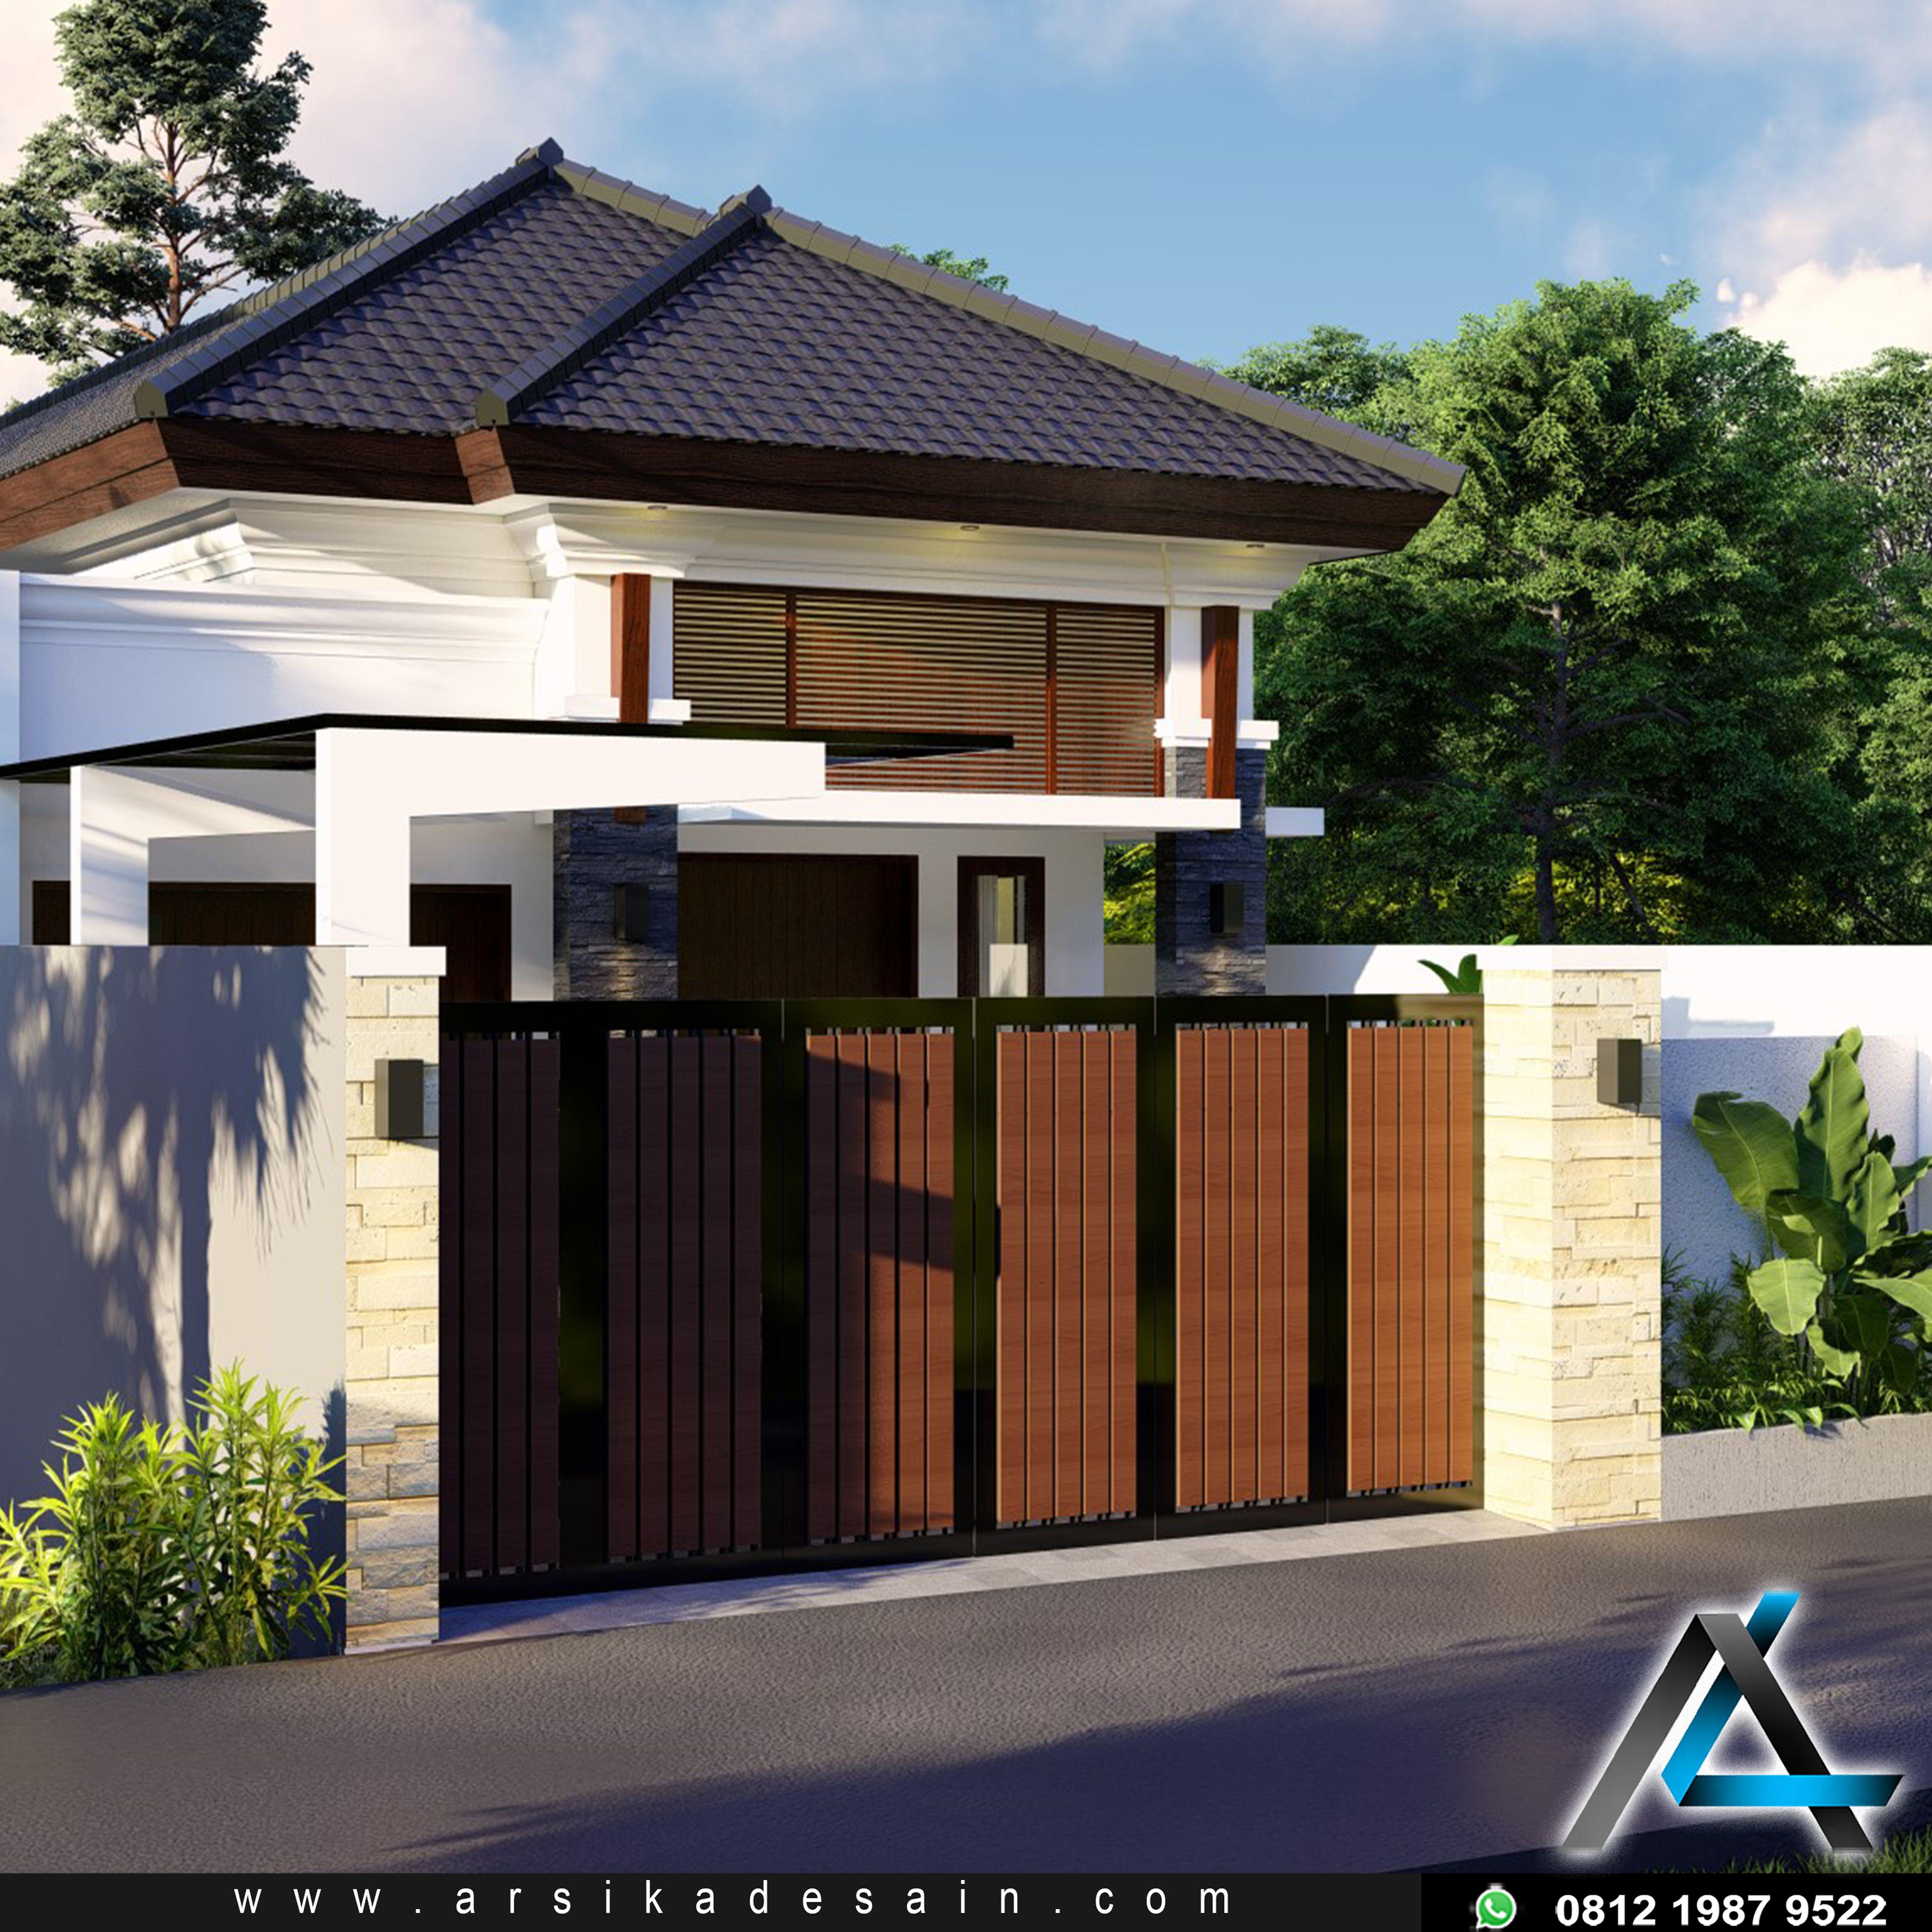 Request dari klien kami yaitu Ibu Litdya di Palu Sulawesi Tengah dengan kebutuhan ruang :  - 4 R. Tidur  - 4 Toilet - R. Tamu  - R. Keluarga  - R. Makan - Dapur  - Cuci/Jemur  - Kolam Renang - Teras - Carpot 1 Mobil #desainrumah #jasadesain #jasaarsitek #jasakontraktor #arsikadesain #desainrumahminimalismodern #rumahminimalismodern #desainrumahminimalis #rumahminimalis #desainrumahmodern #rumahmodern #desainrumahsulteng #desainarsitektur #desainbangunan #desainrumah1lantai #jasaarsitekonline